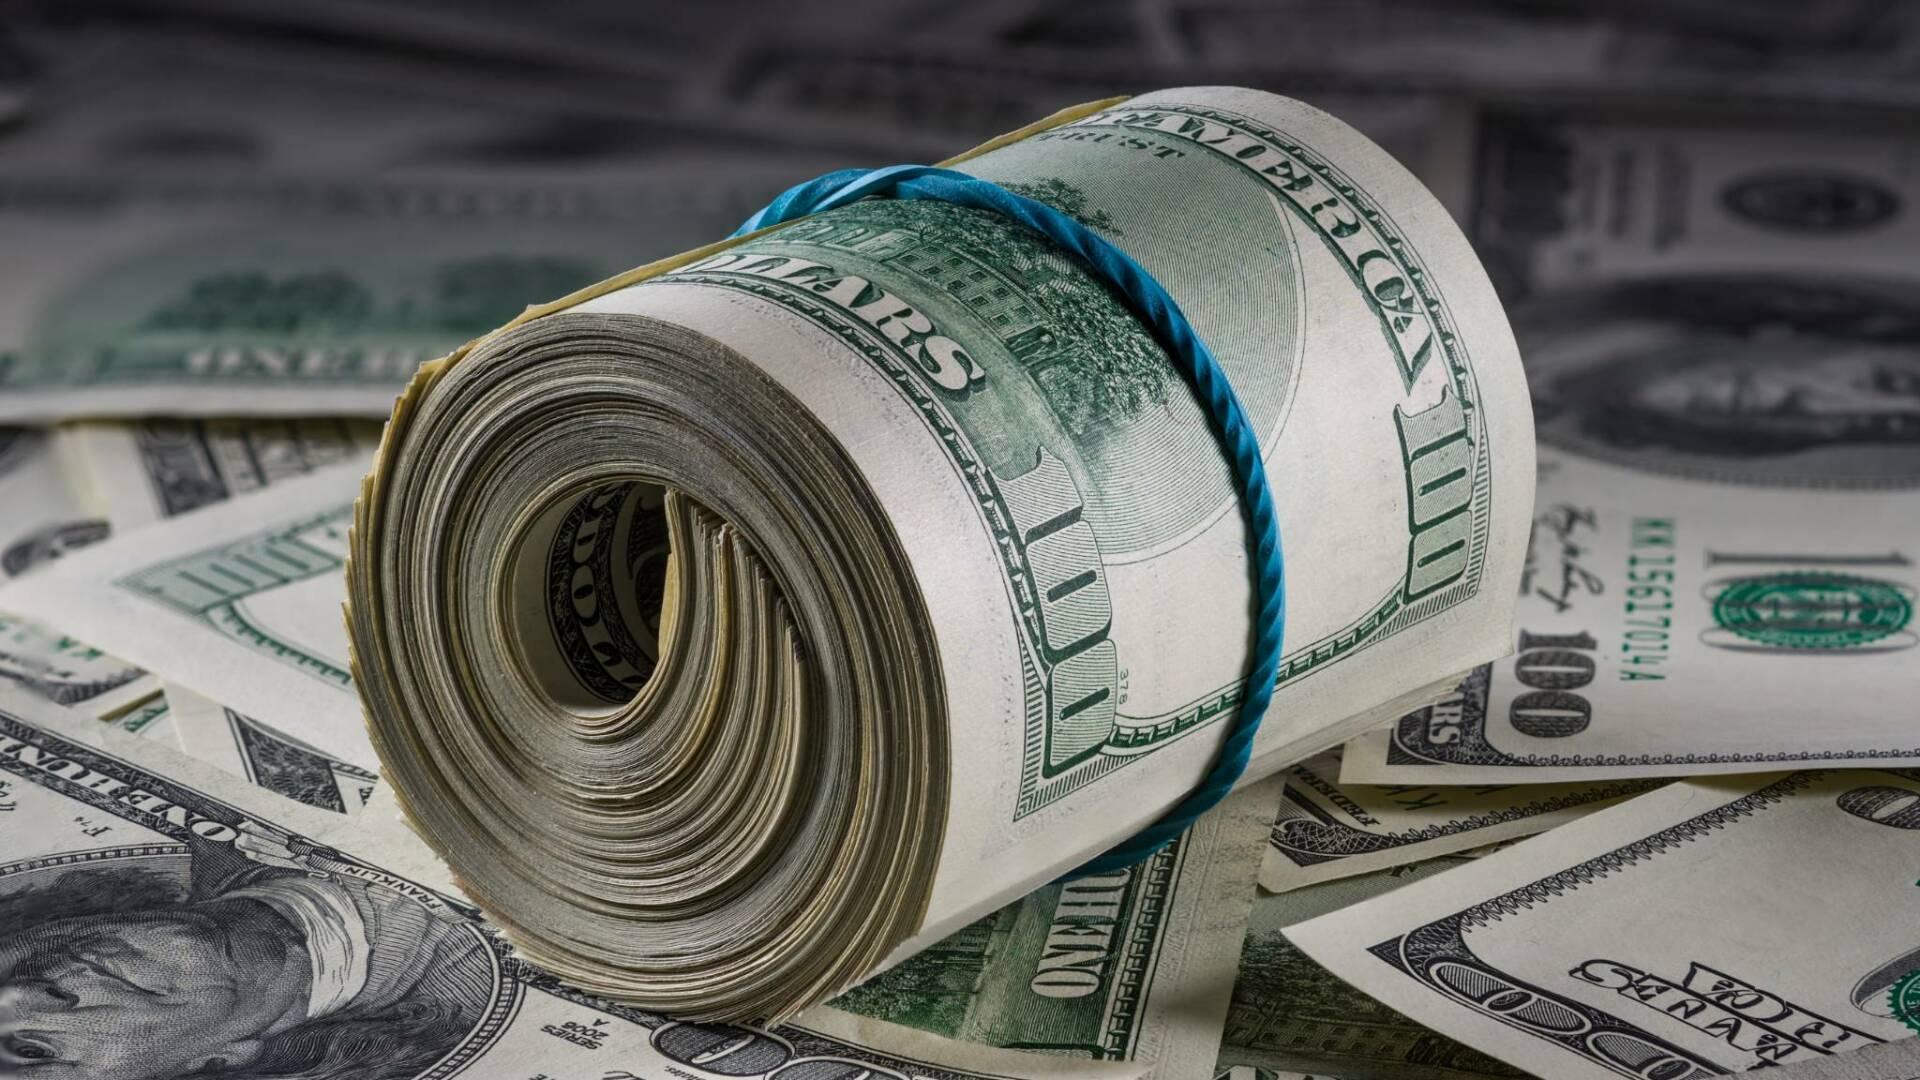 Mazzetta dollari denaro cash soldi contanti banconote